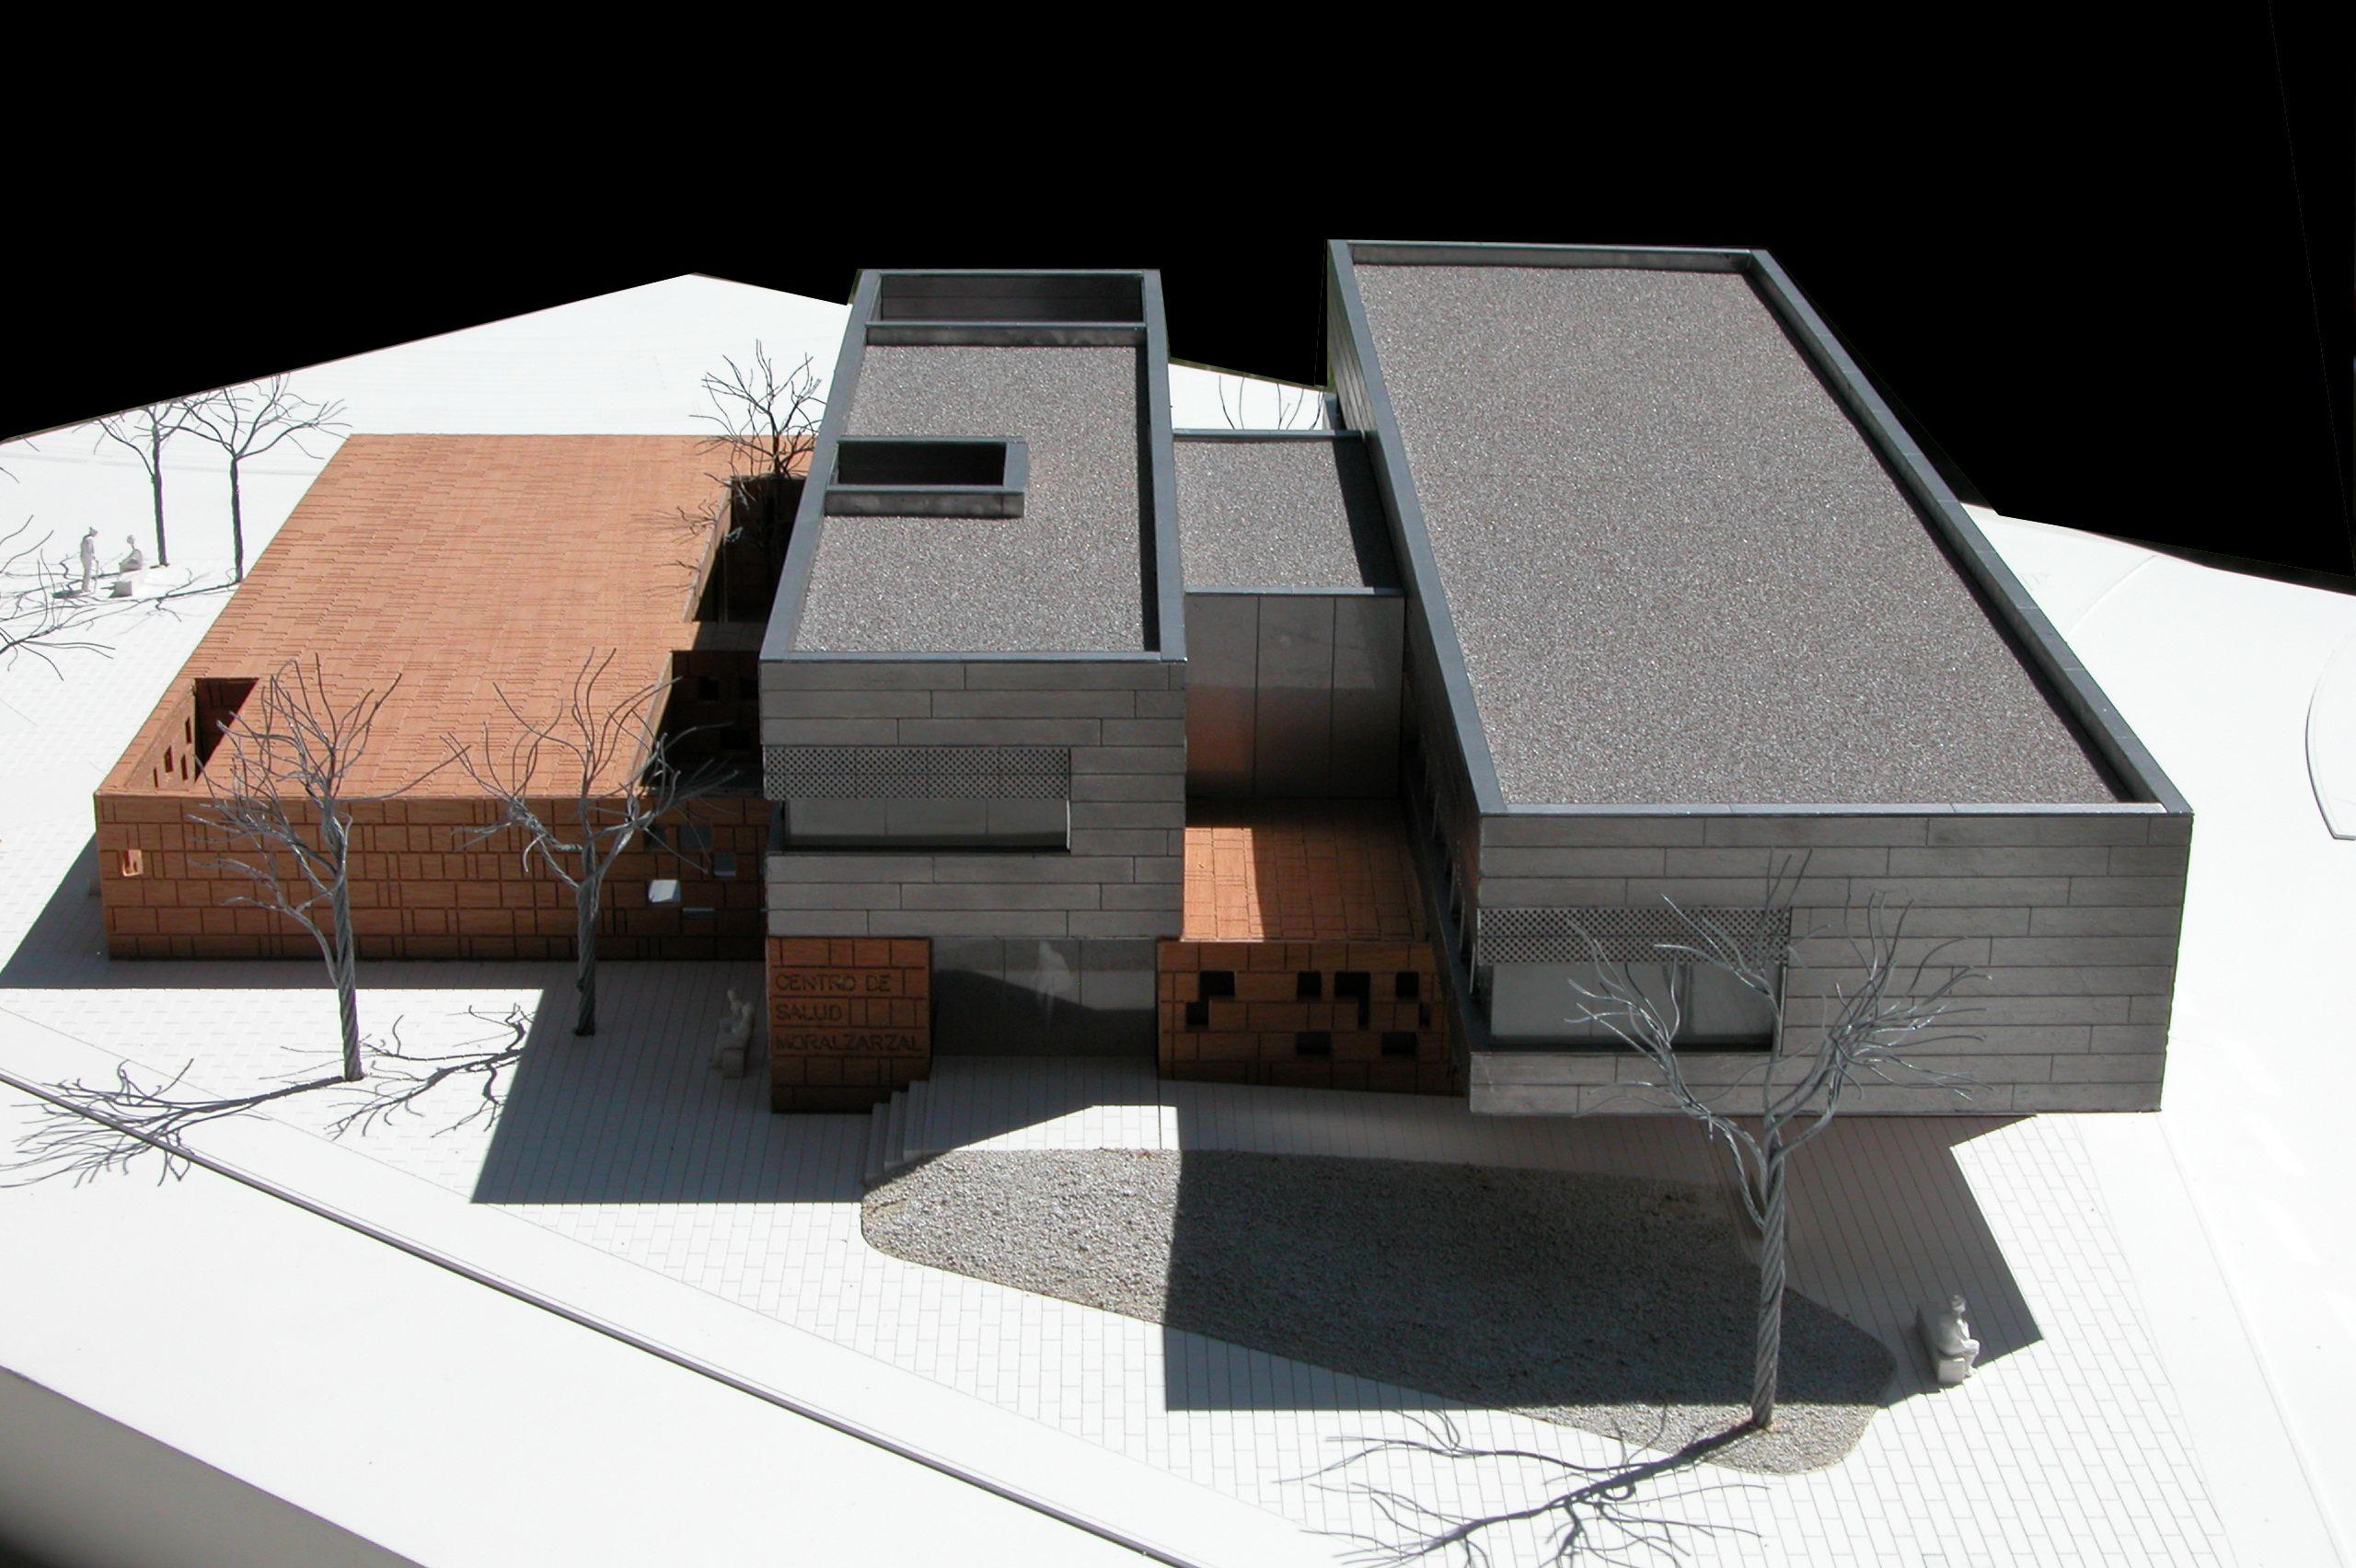 Maqueta de arquitectura realizada en zinc madera y pvc for Arquitectura de madera